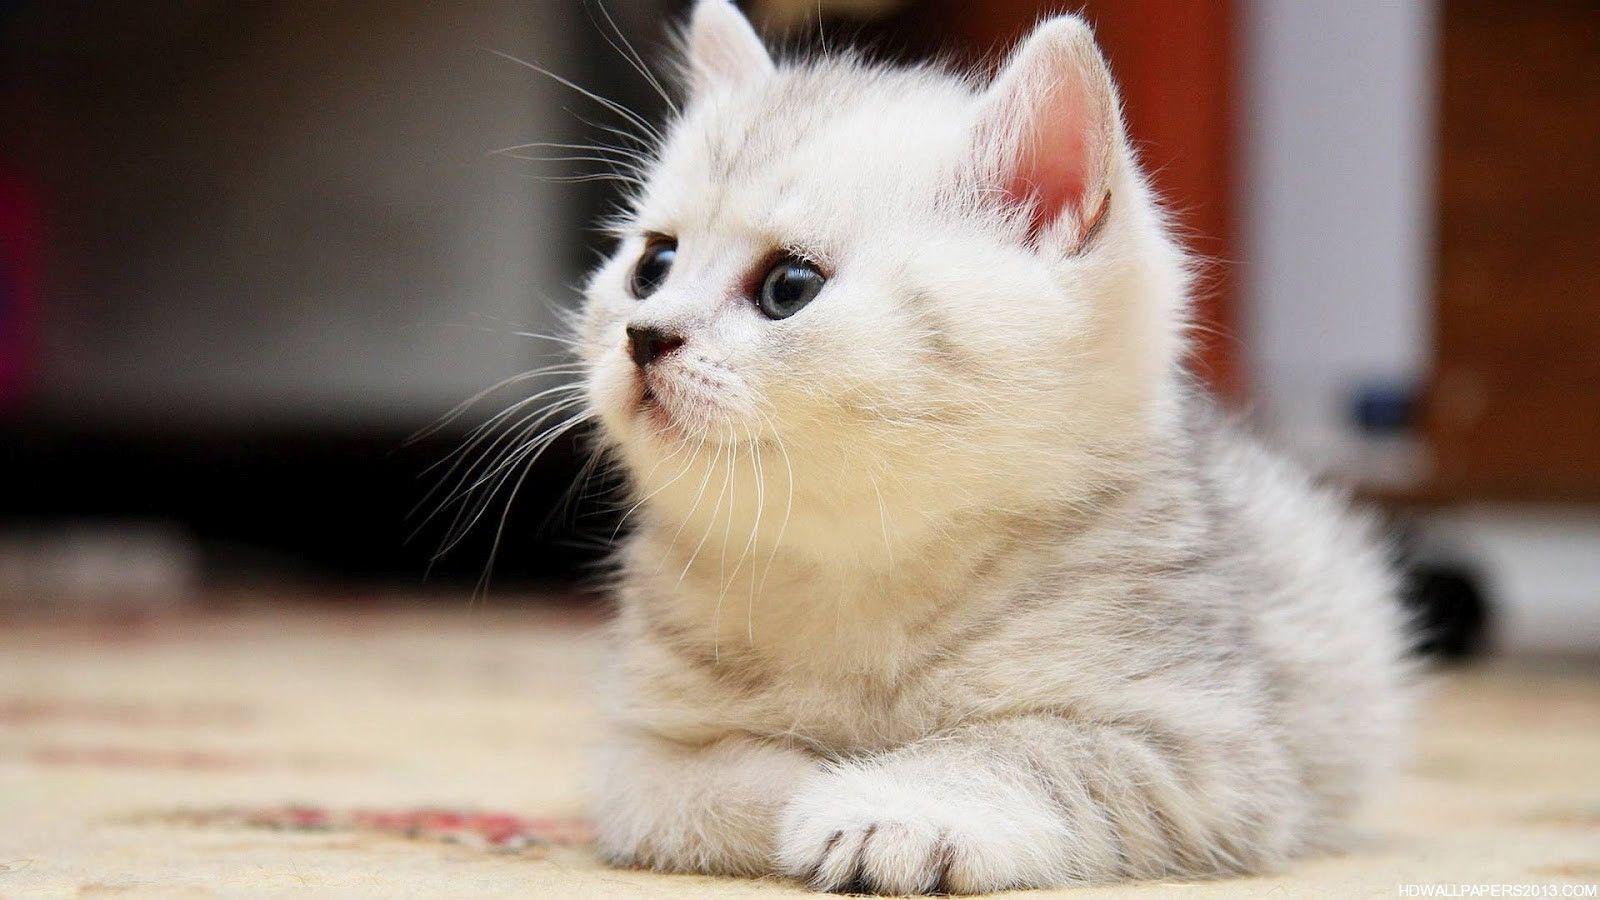 Cute Persian Cat 3d Wallpapers Wallpapersak Kitten Wallpaper Cute Baby Cats Cat Pics